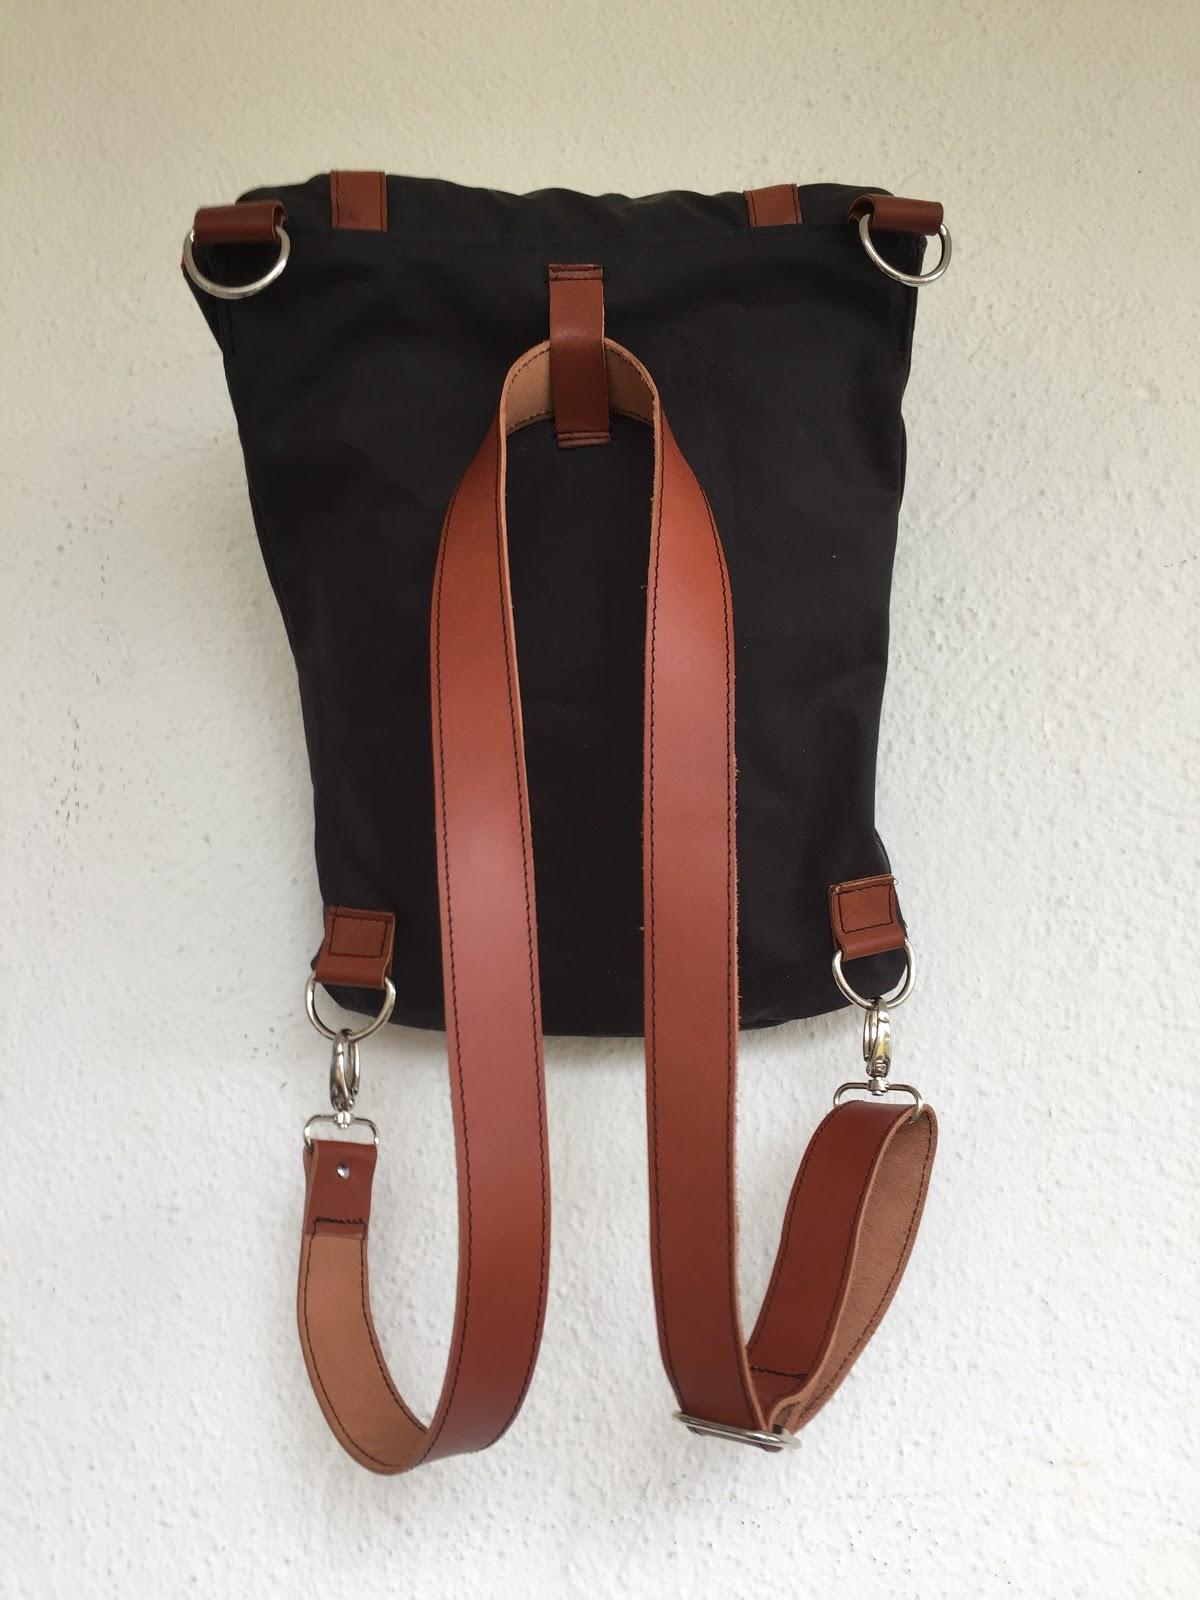 goosebumps: BETTA...Rucksack oder doch lieber Tasche?